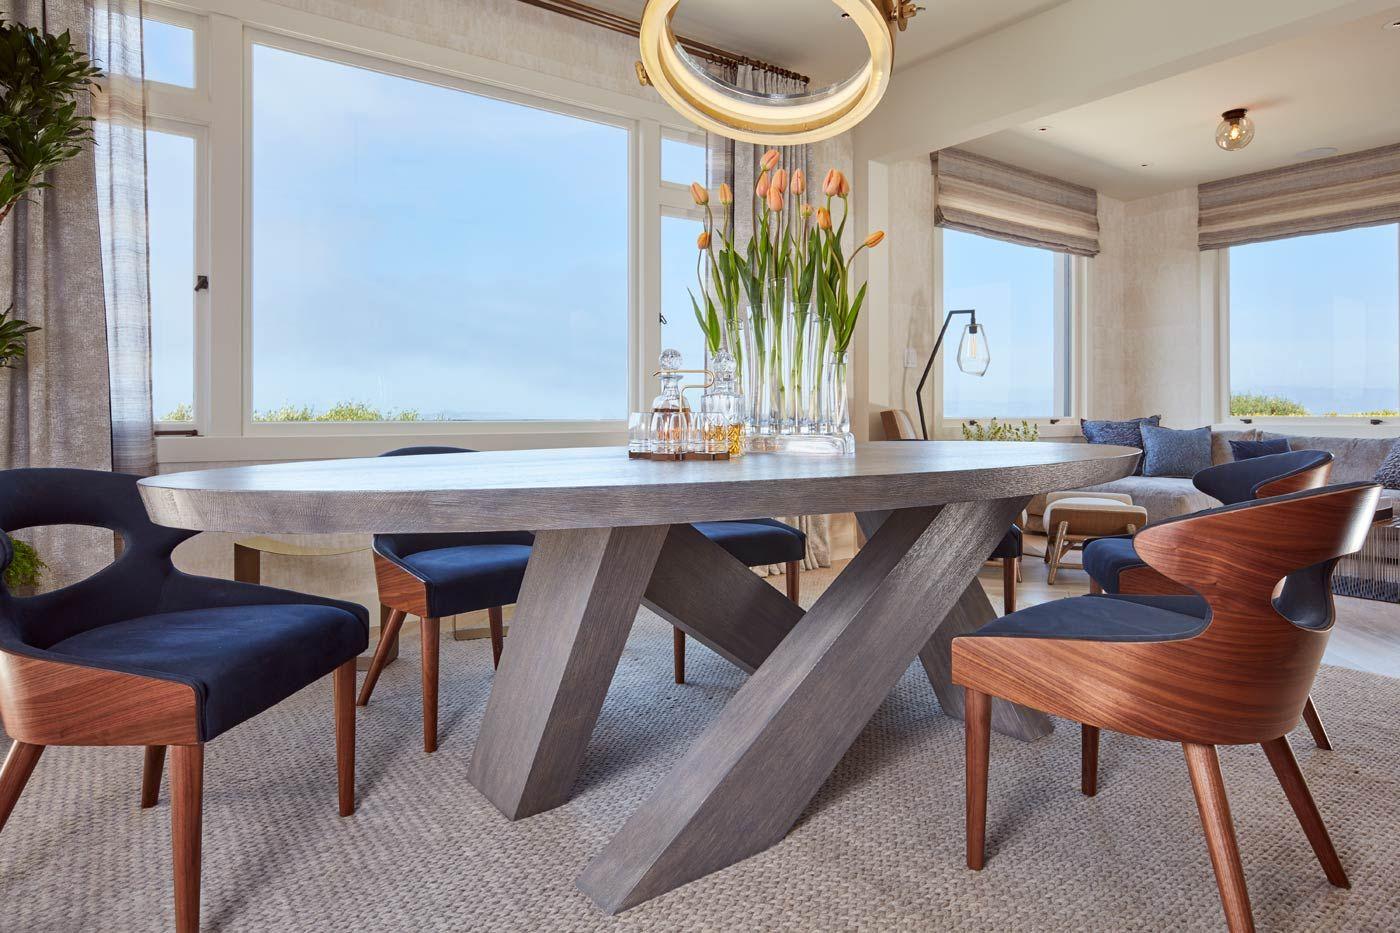 SF Decorators Showcase - Martin Kobus | Decor, Home decor ...